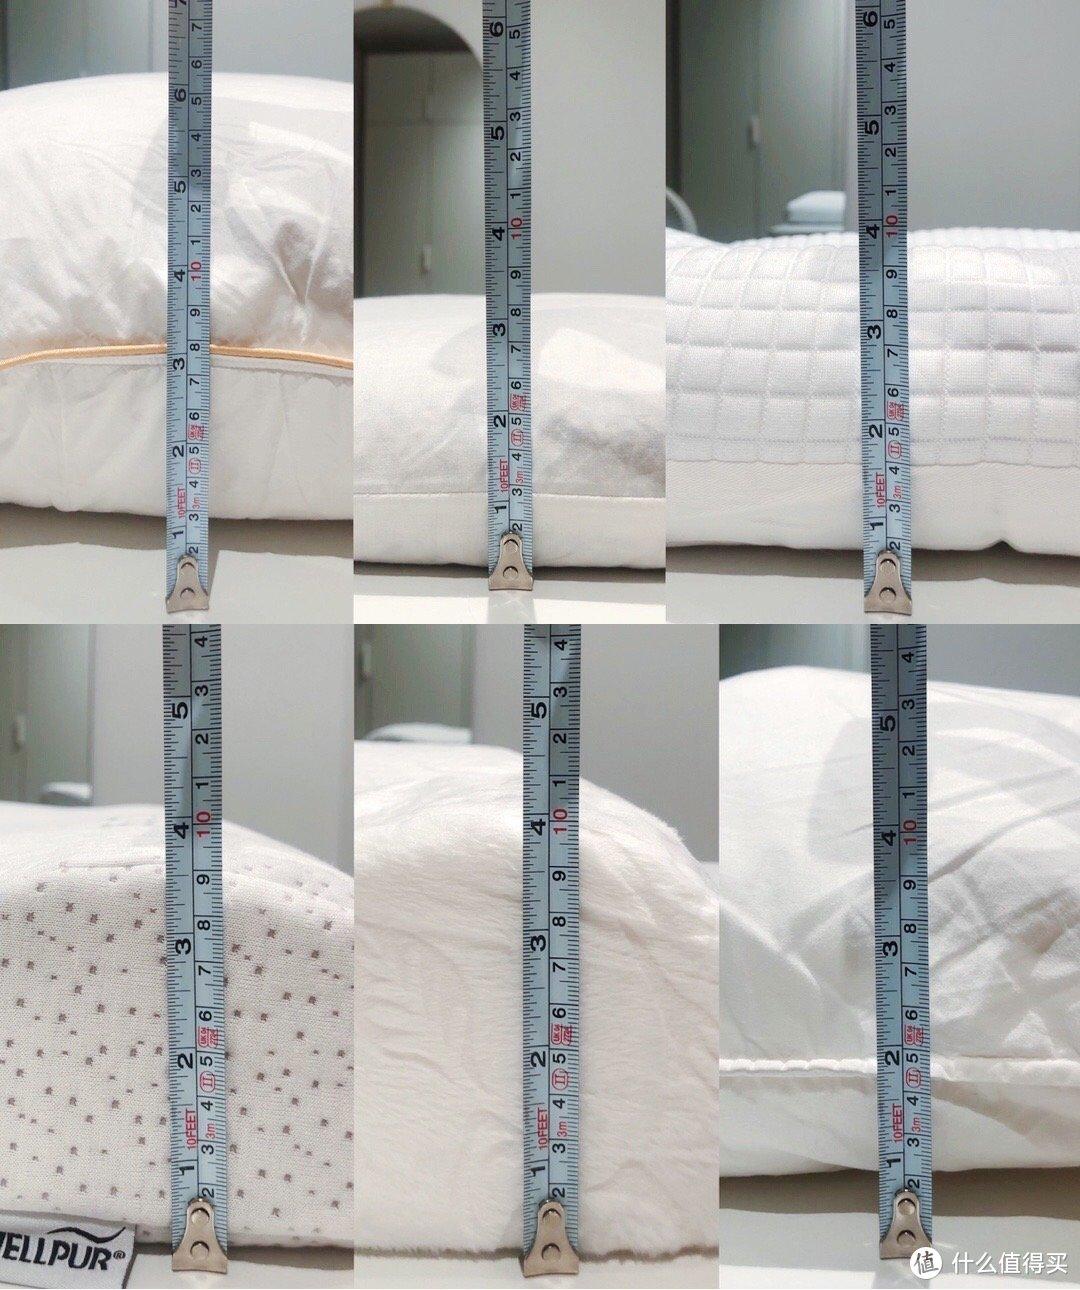 为什么高档酒店都用羽绒枕?对比测评六大类枕头后告诉你答案(附618好价推荐)